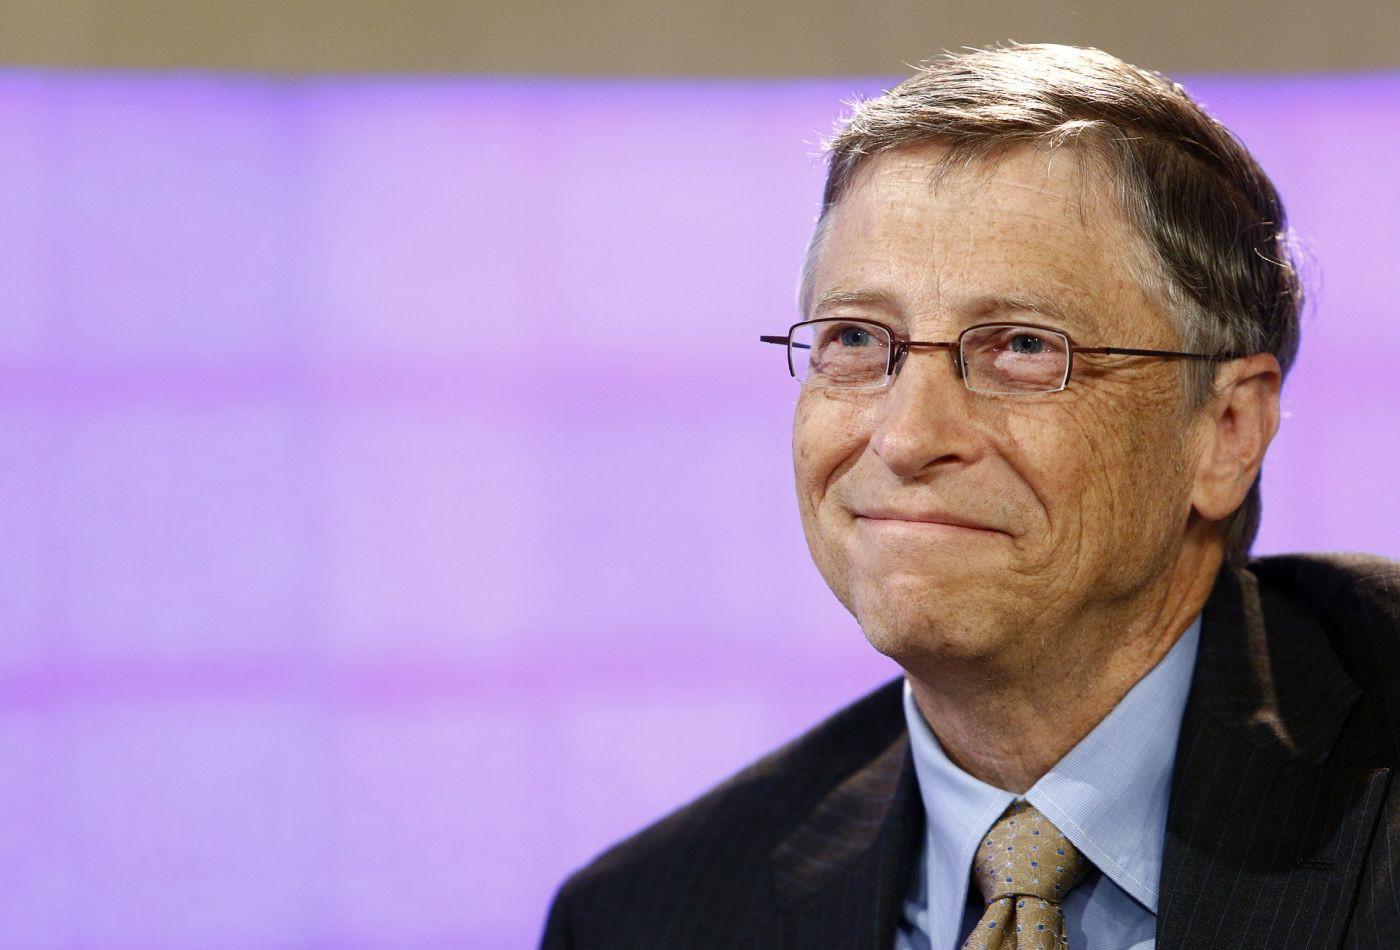 6 thói quen cuối tuần không thể bỏ qua của những tỷ phú như Bill Gates, Jeff Bezos và Mark Zuckerberg - Ảnh 1.